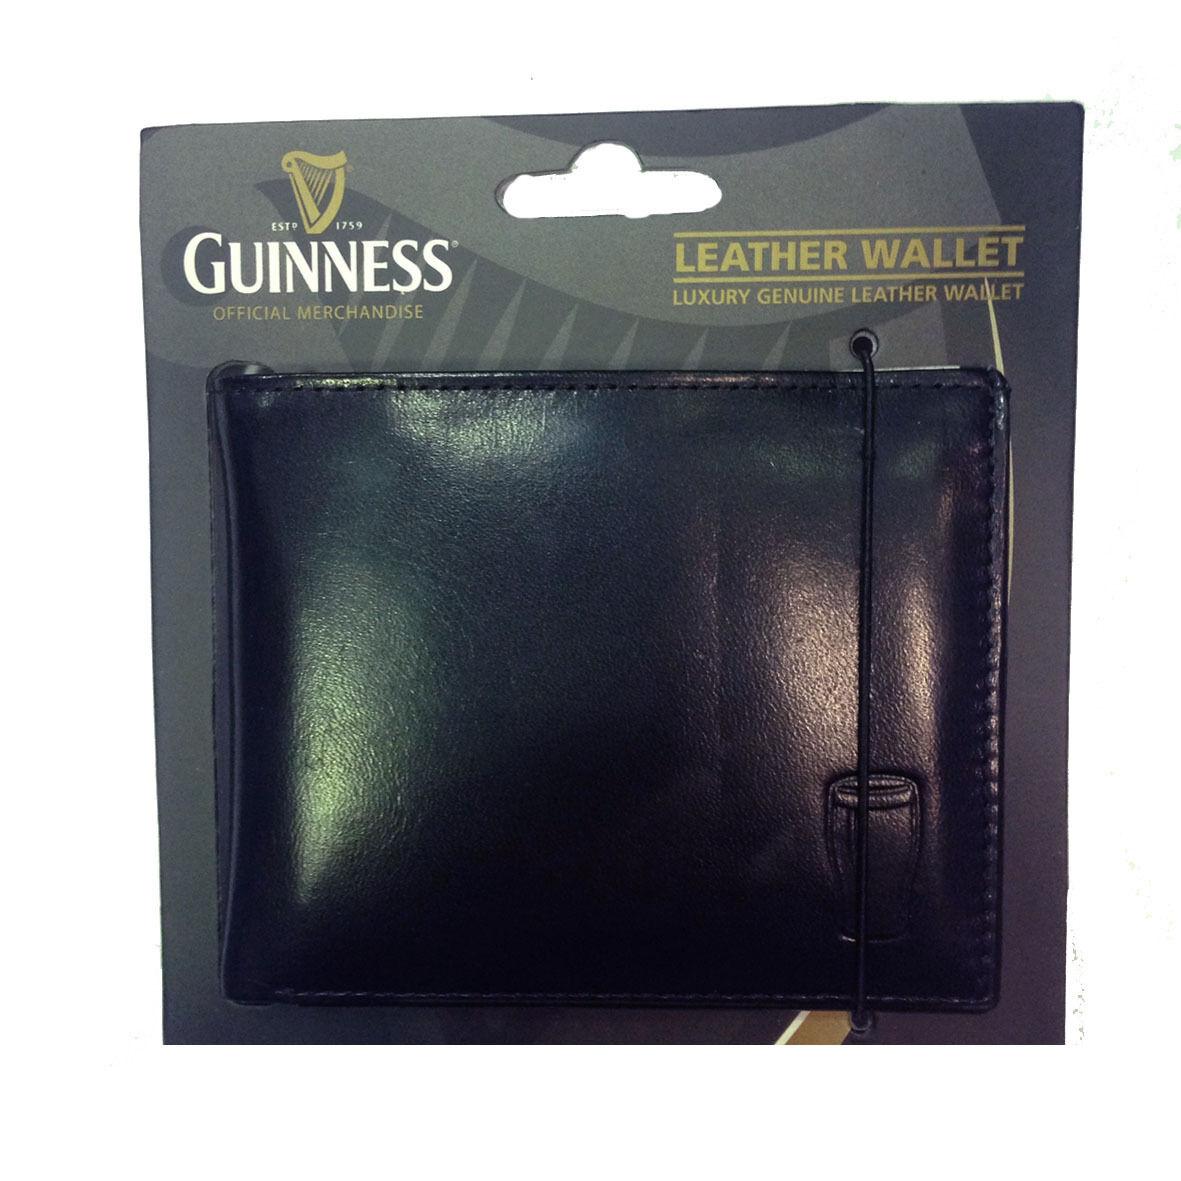 GUINNESS portafoglio in pelle nera con incisione boccale e scritta guinness